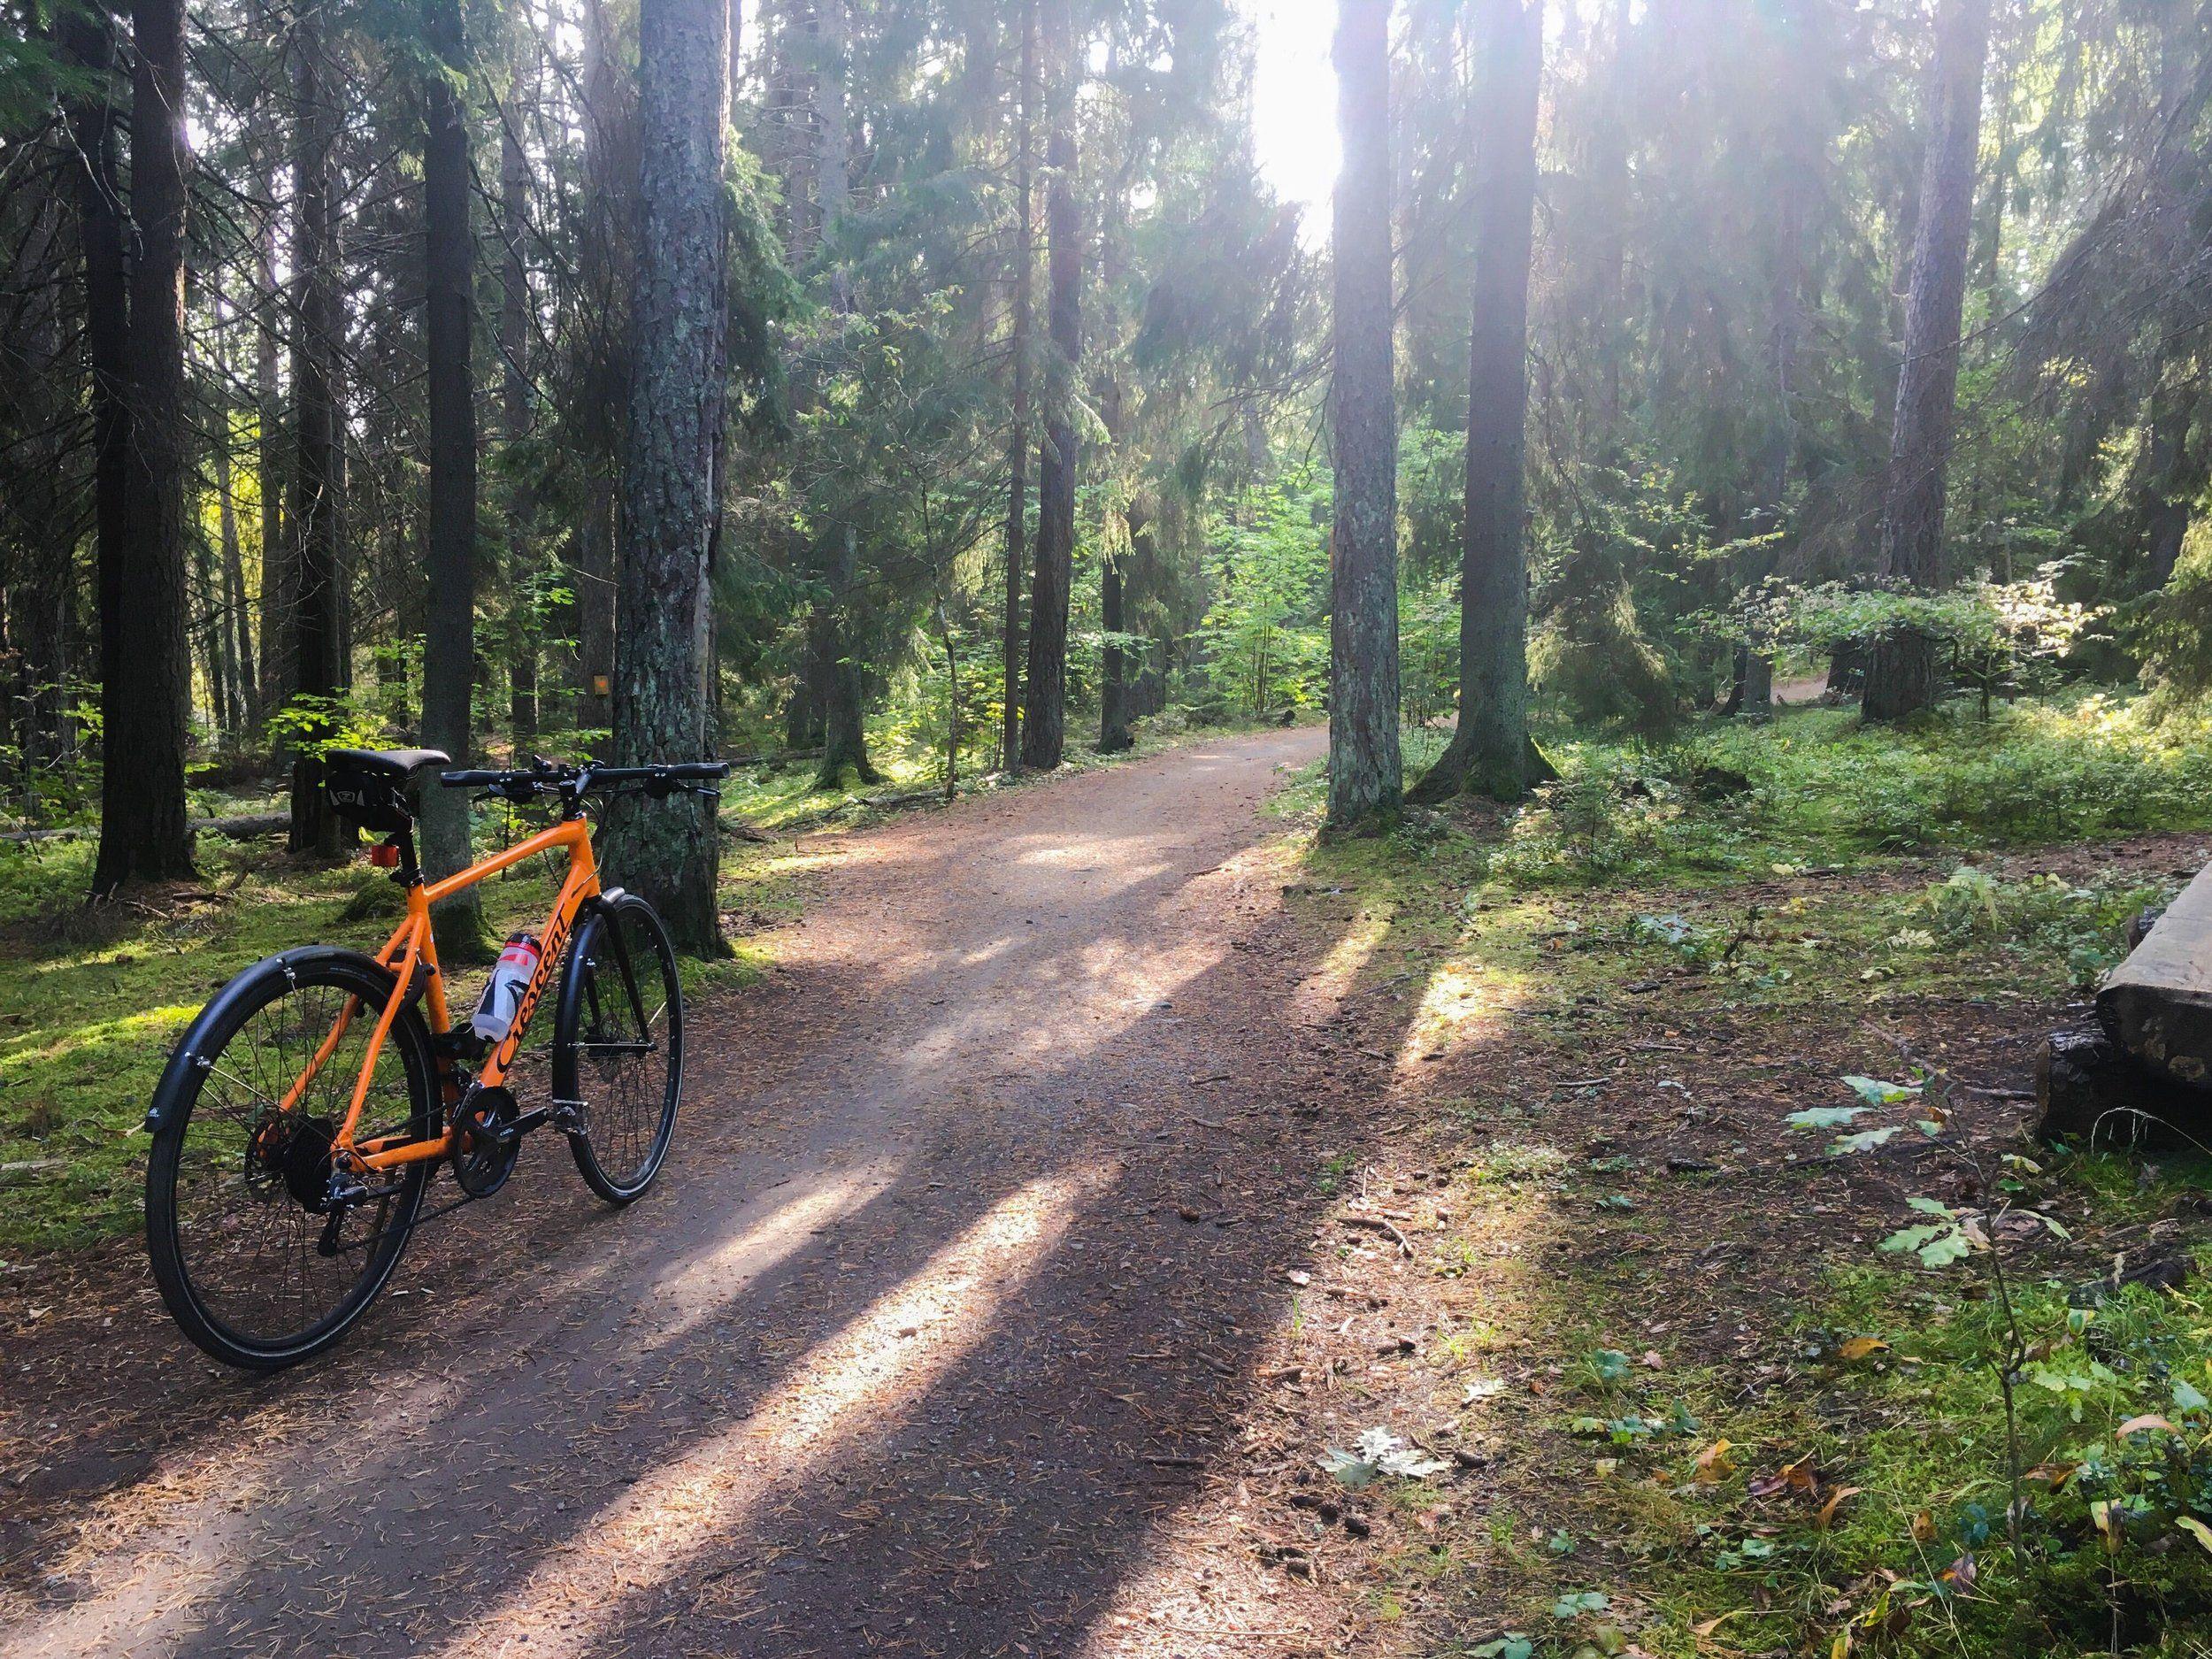 cykel-järvafältet-20200925.JPG